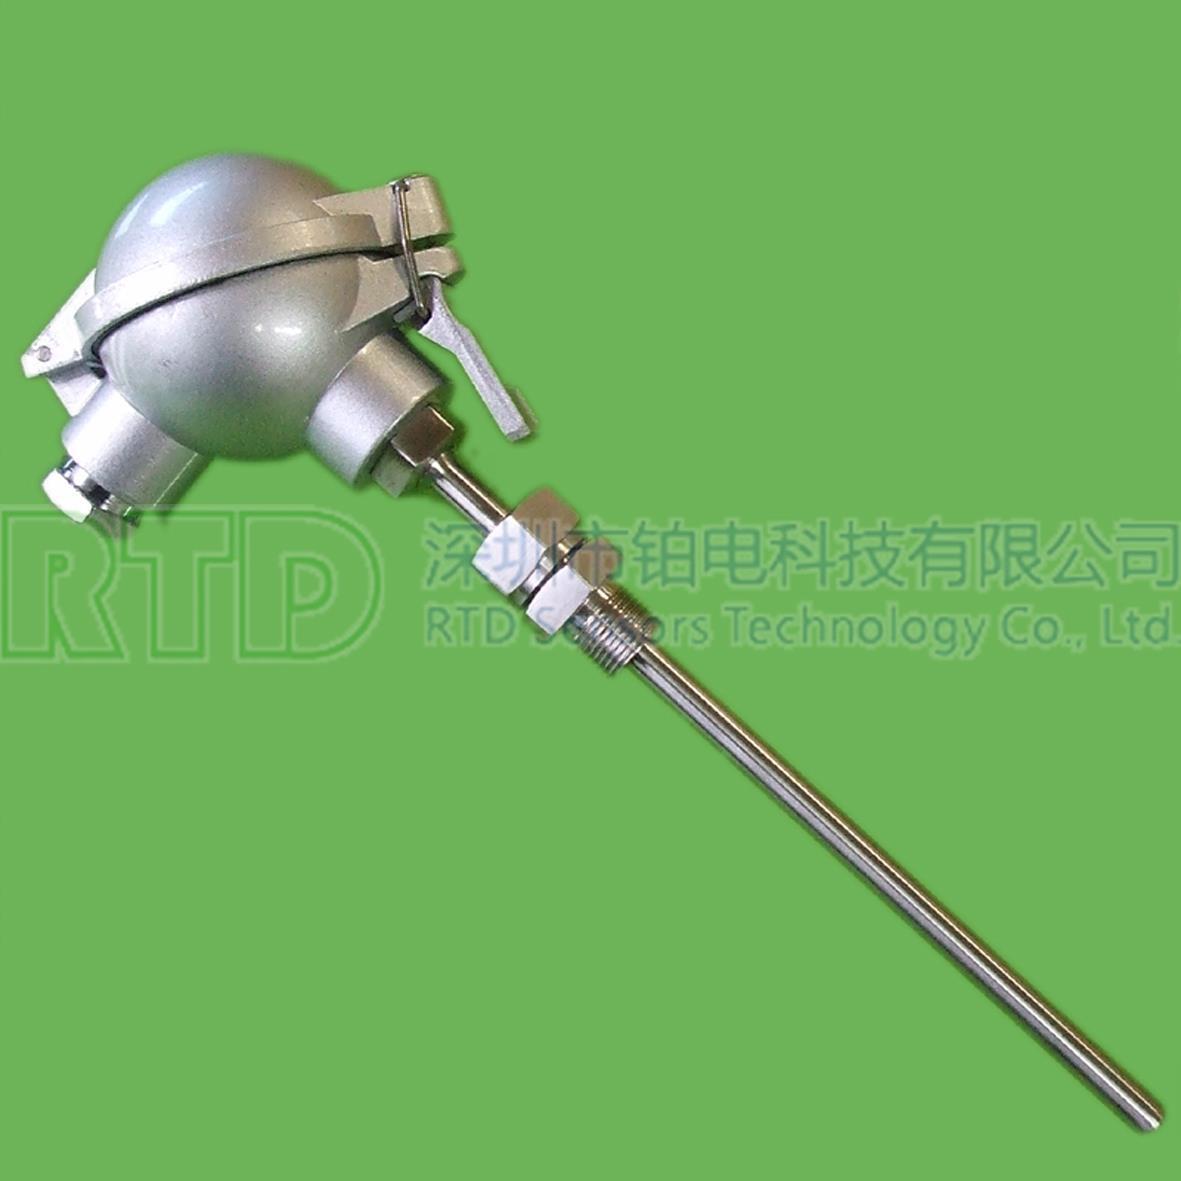 铠装PT1000铂电阻(活动螺纹式)